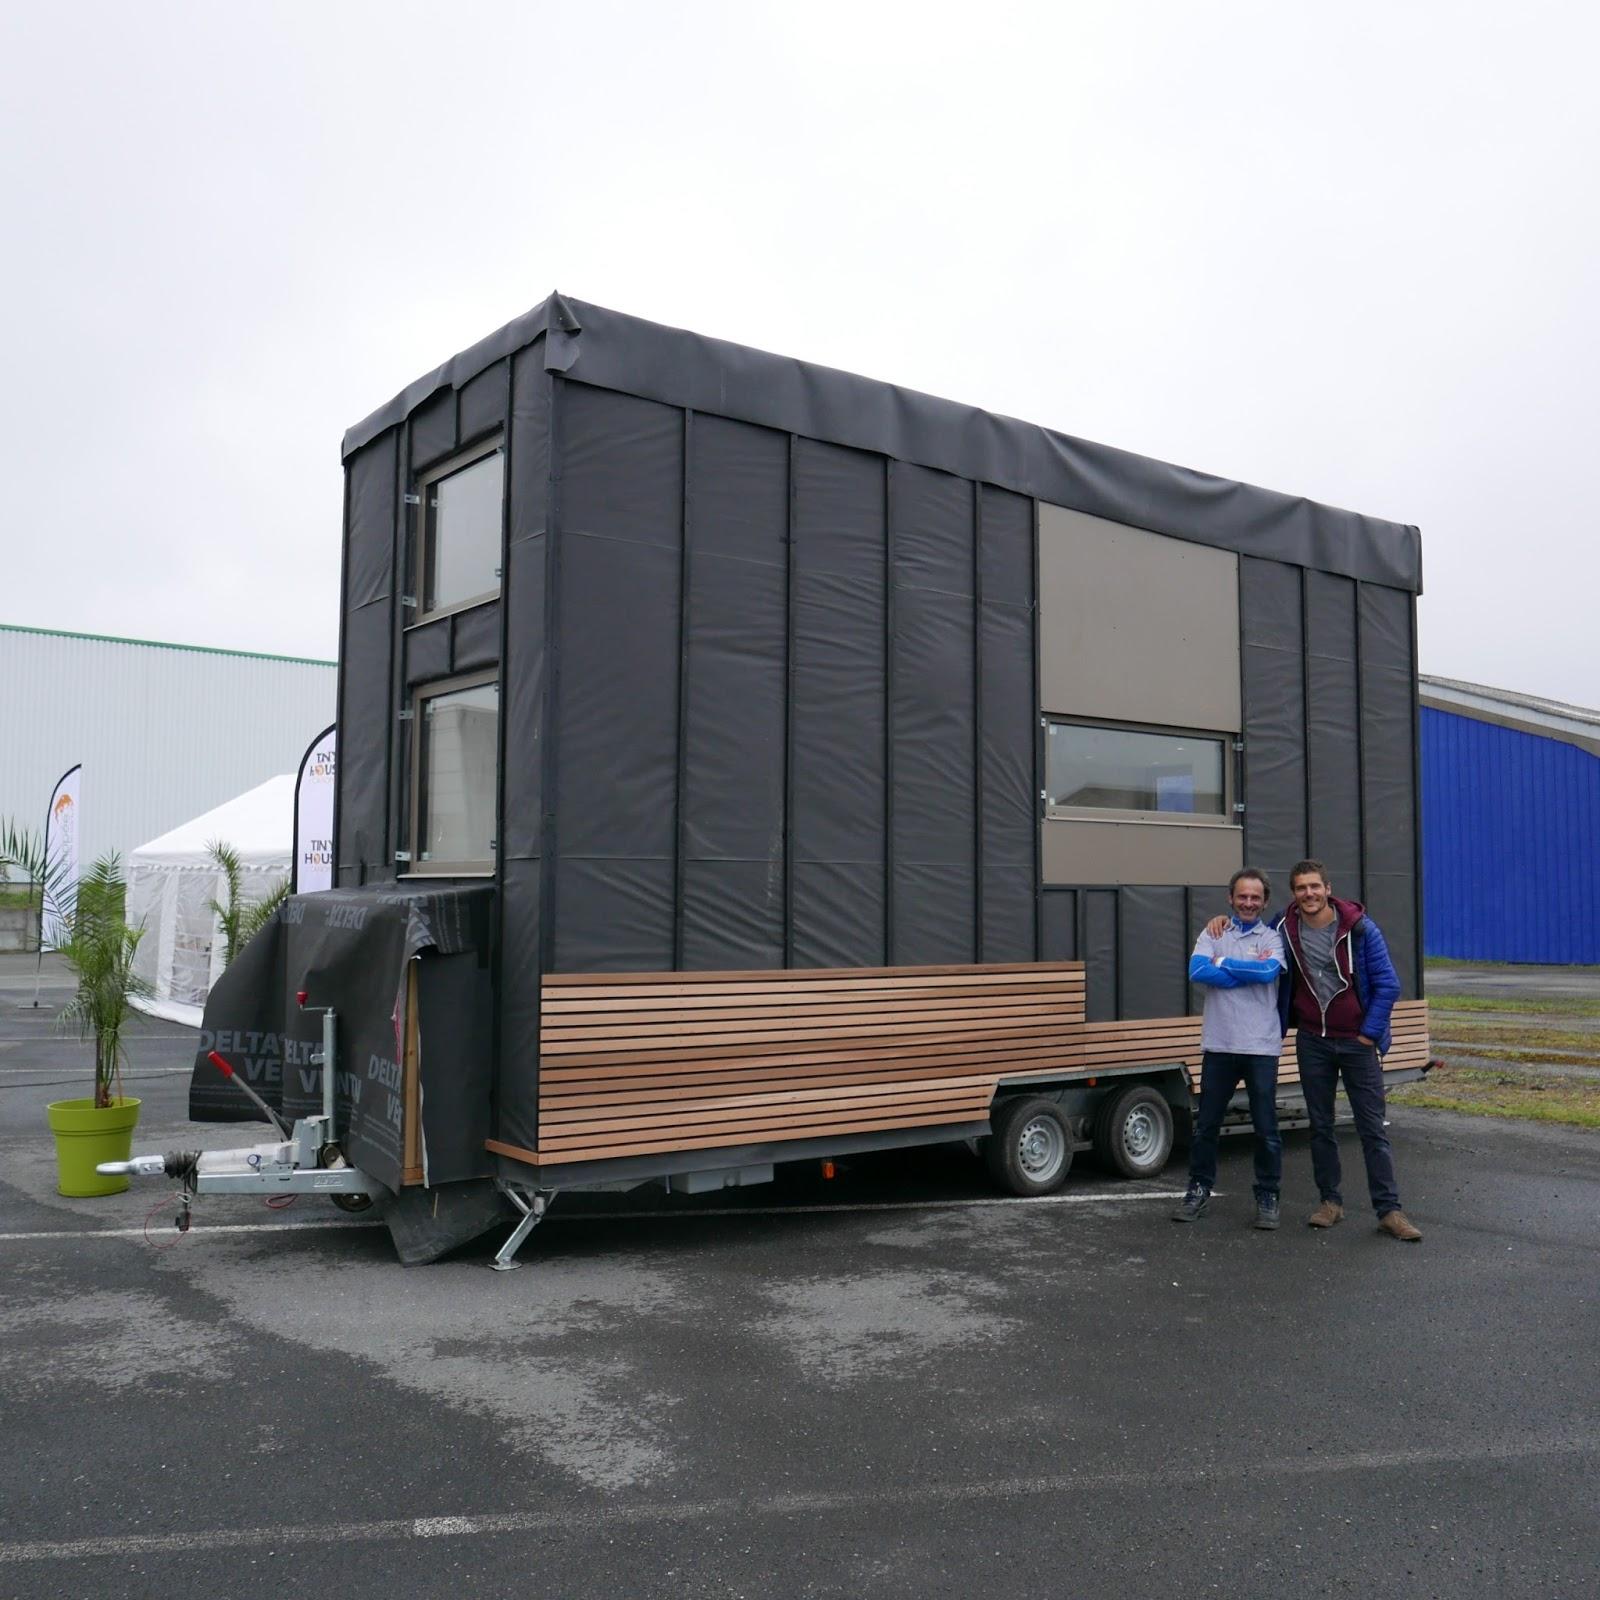 Deule Insolite Canopee Tiny House En Cours De Finition Pres De Lille